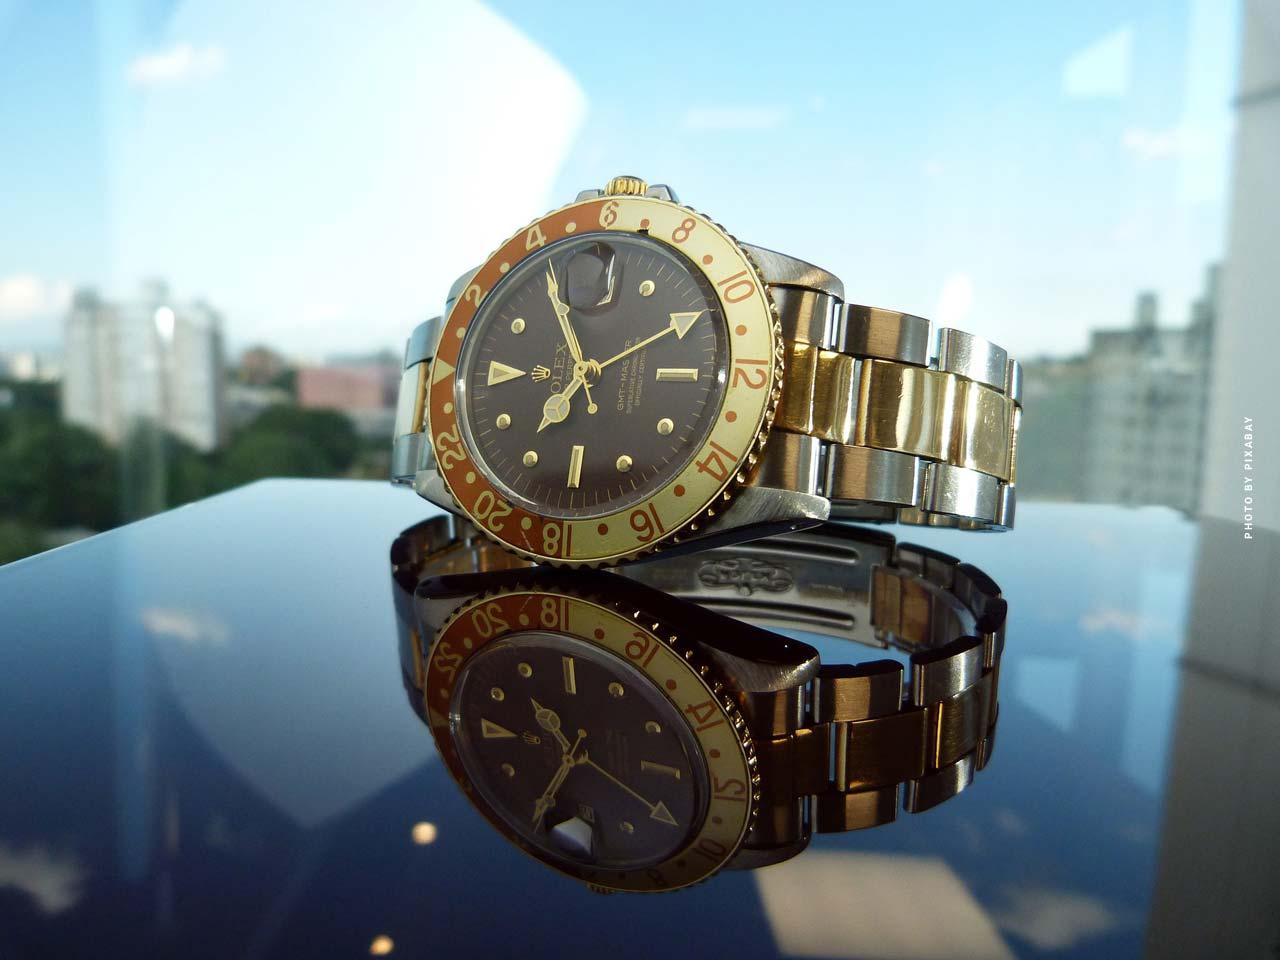 La casa d'aste Phillips (Ginevra) trova e vende gli orologi più rari al mondo